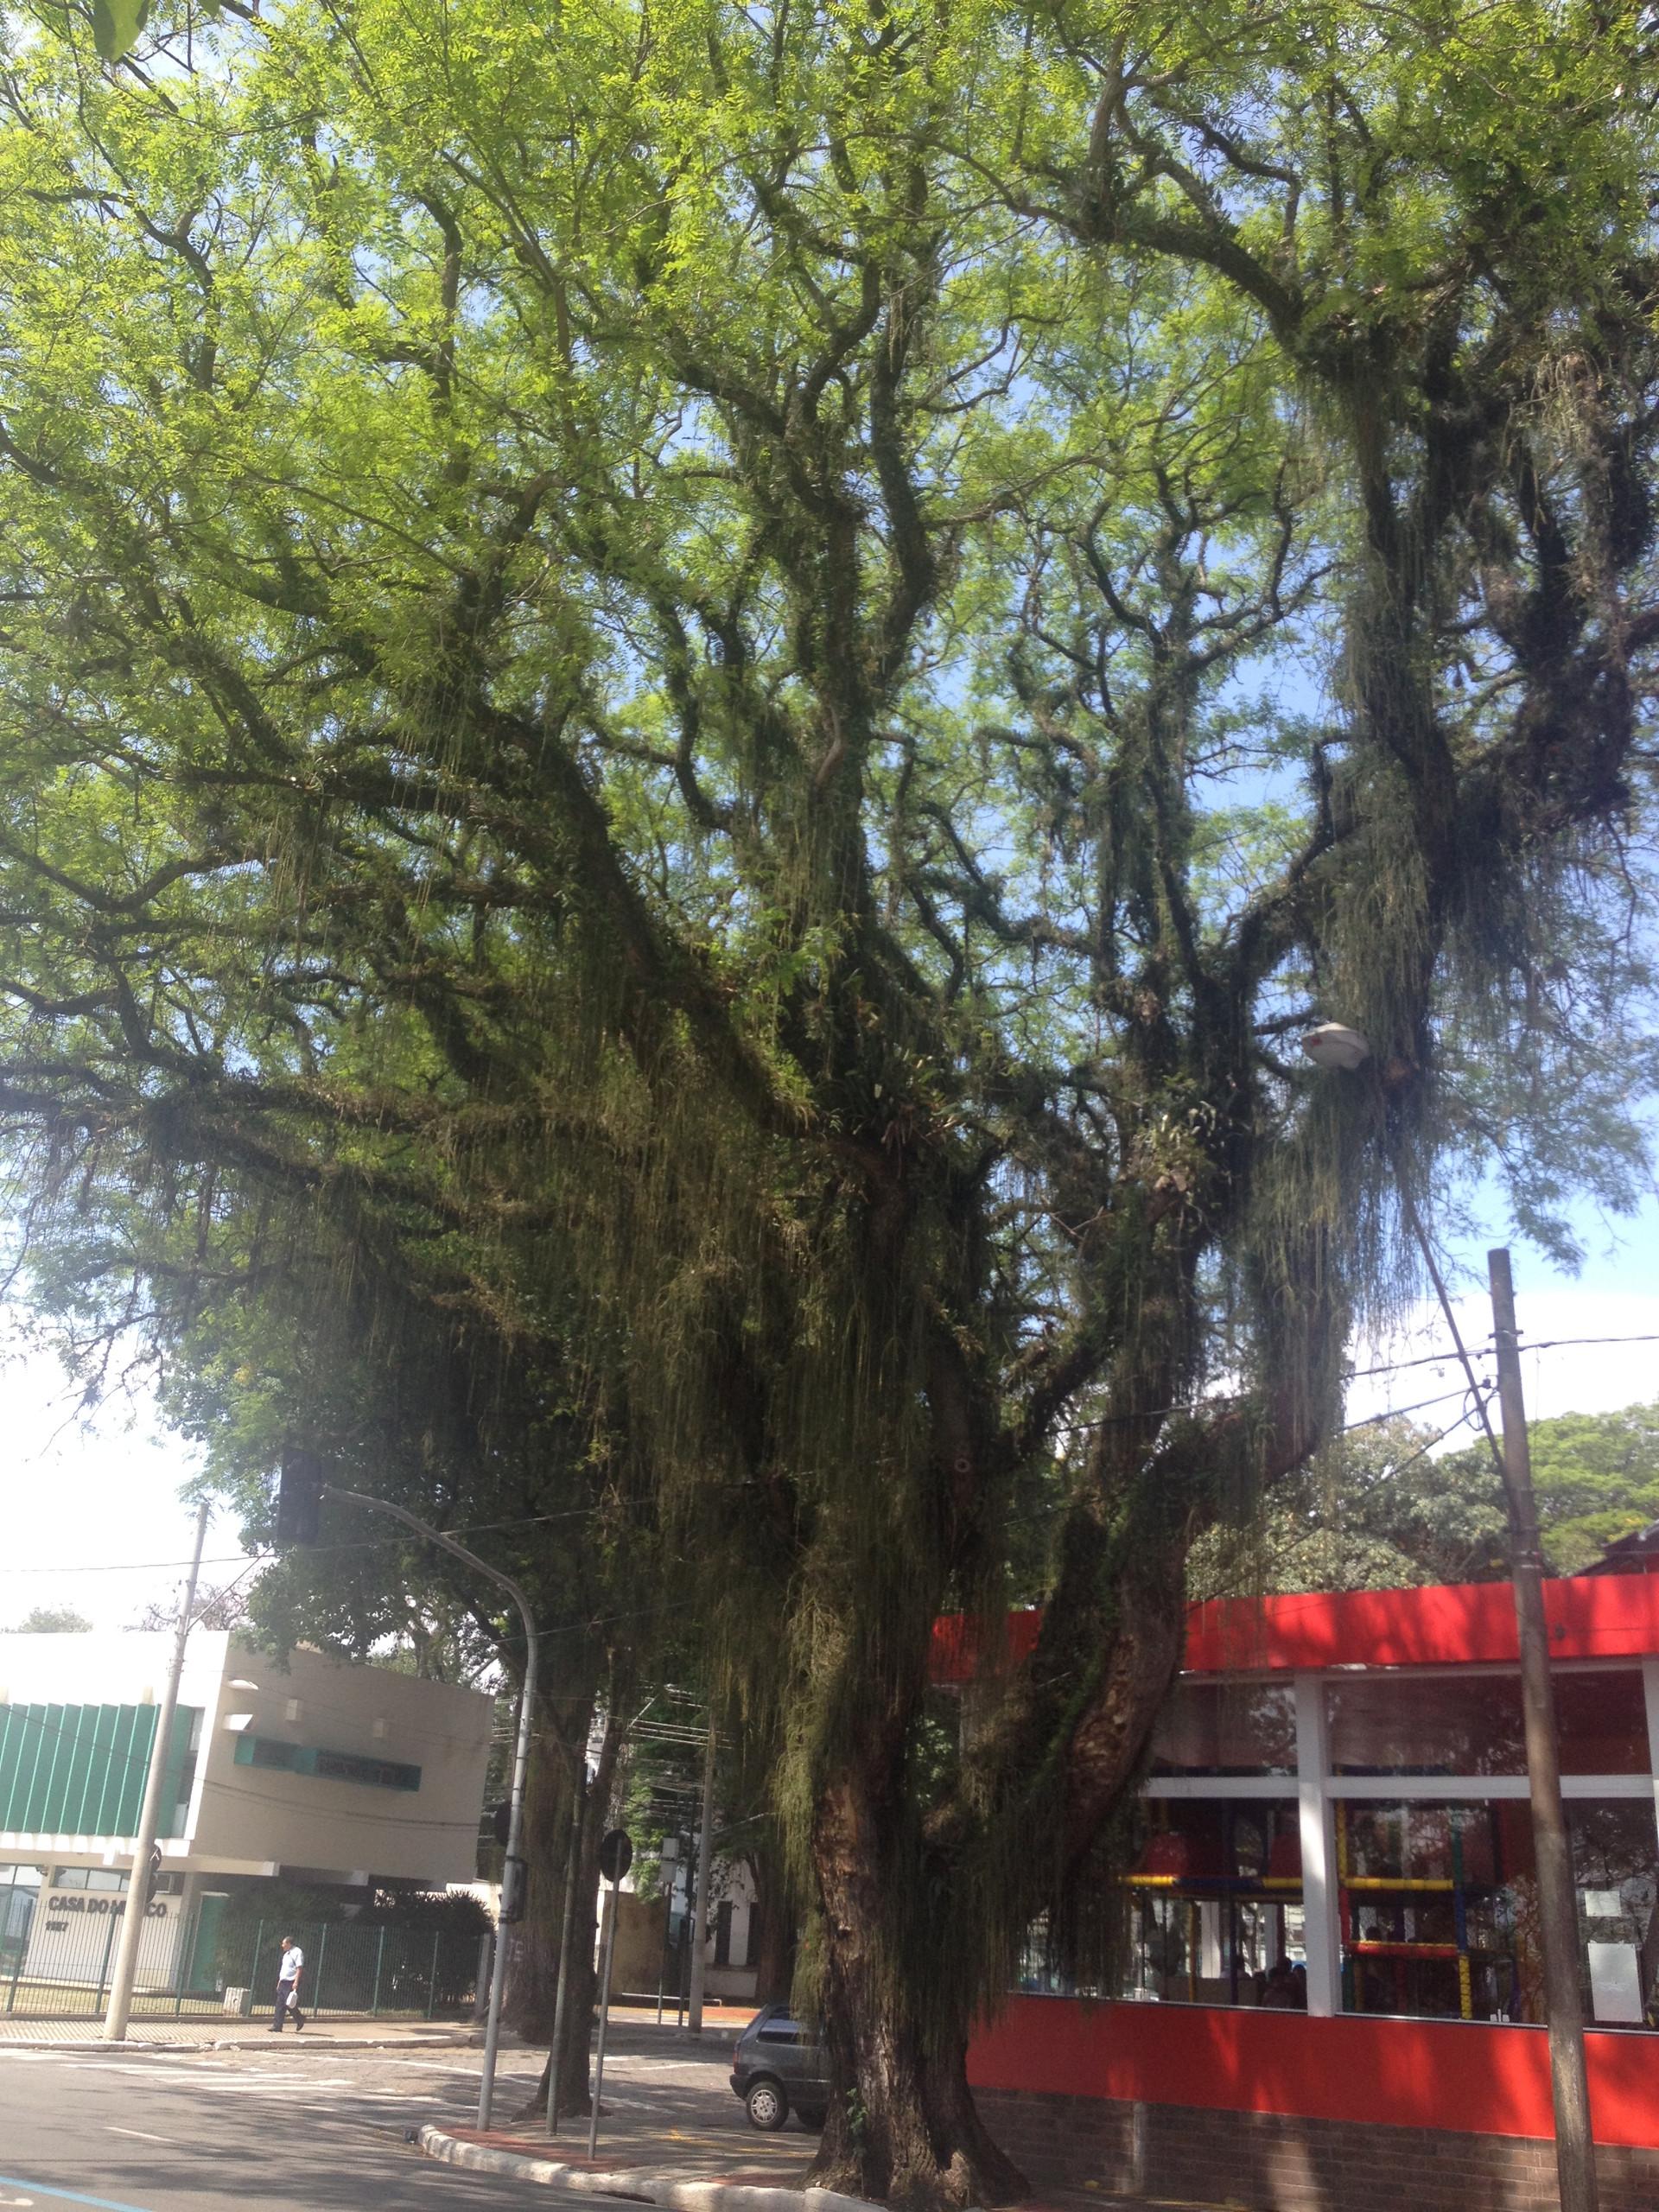 Trees in Sao Jose dos Campos